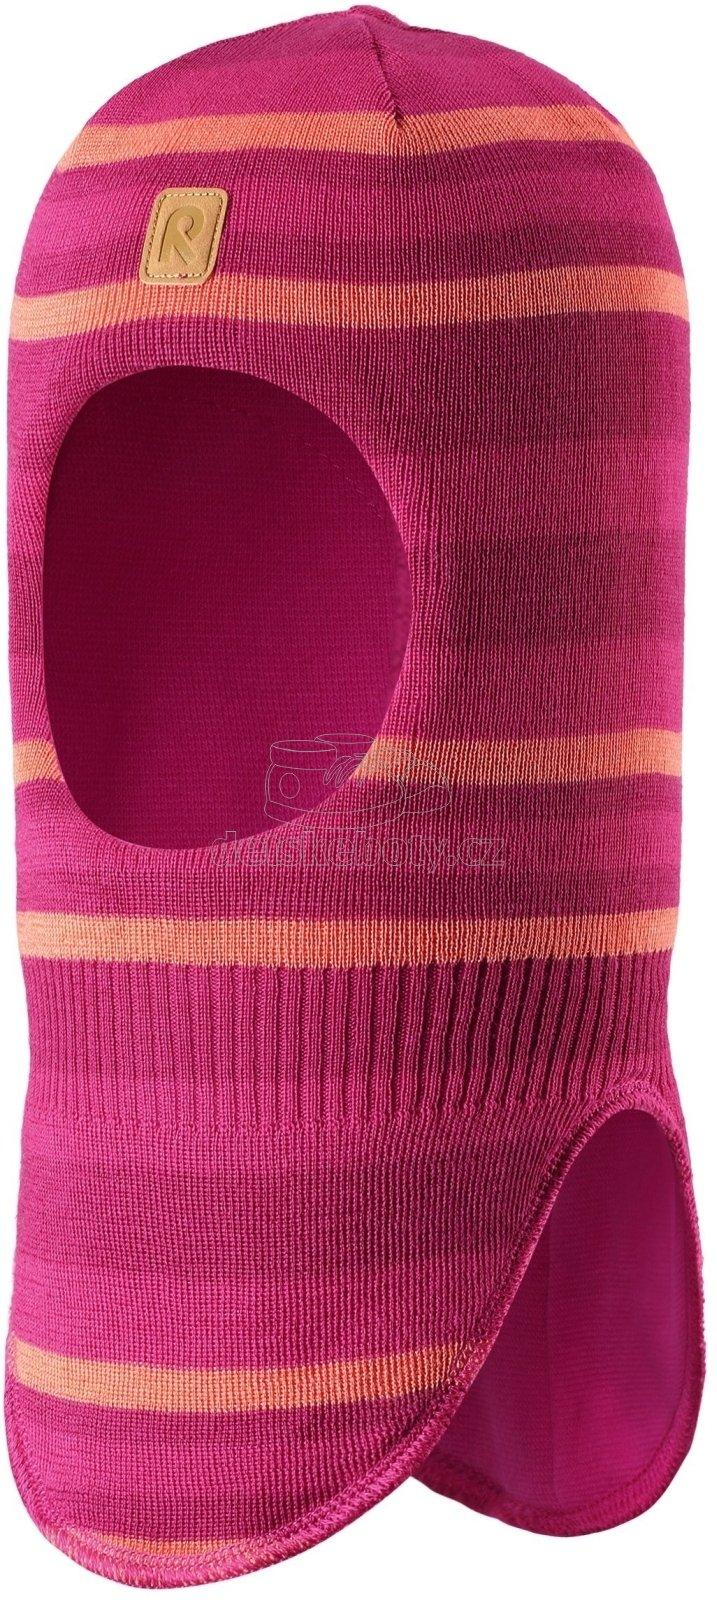 Dětská zimní kukla Reima 518528 raspberry pink